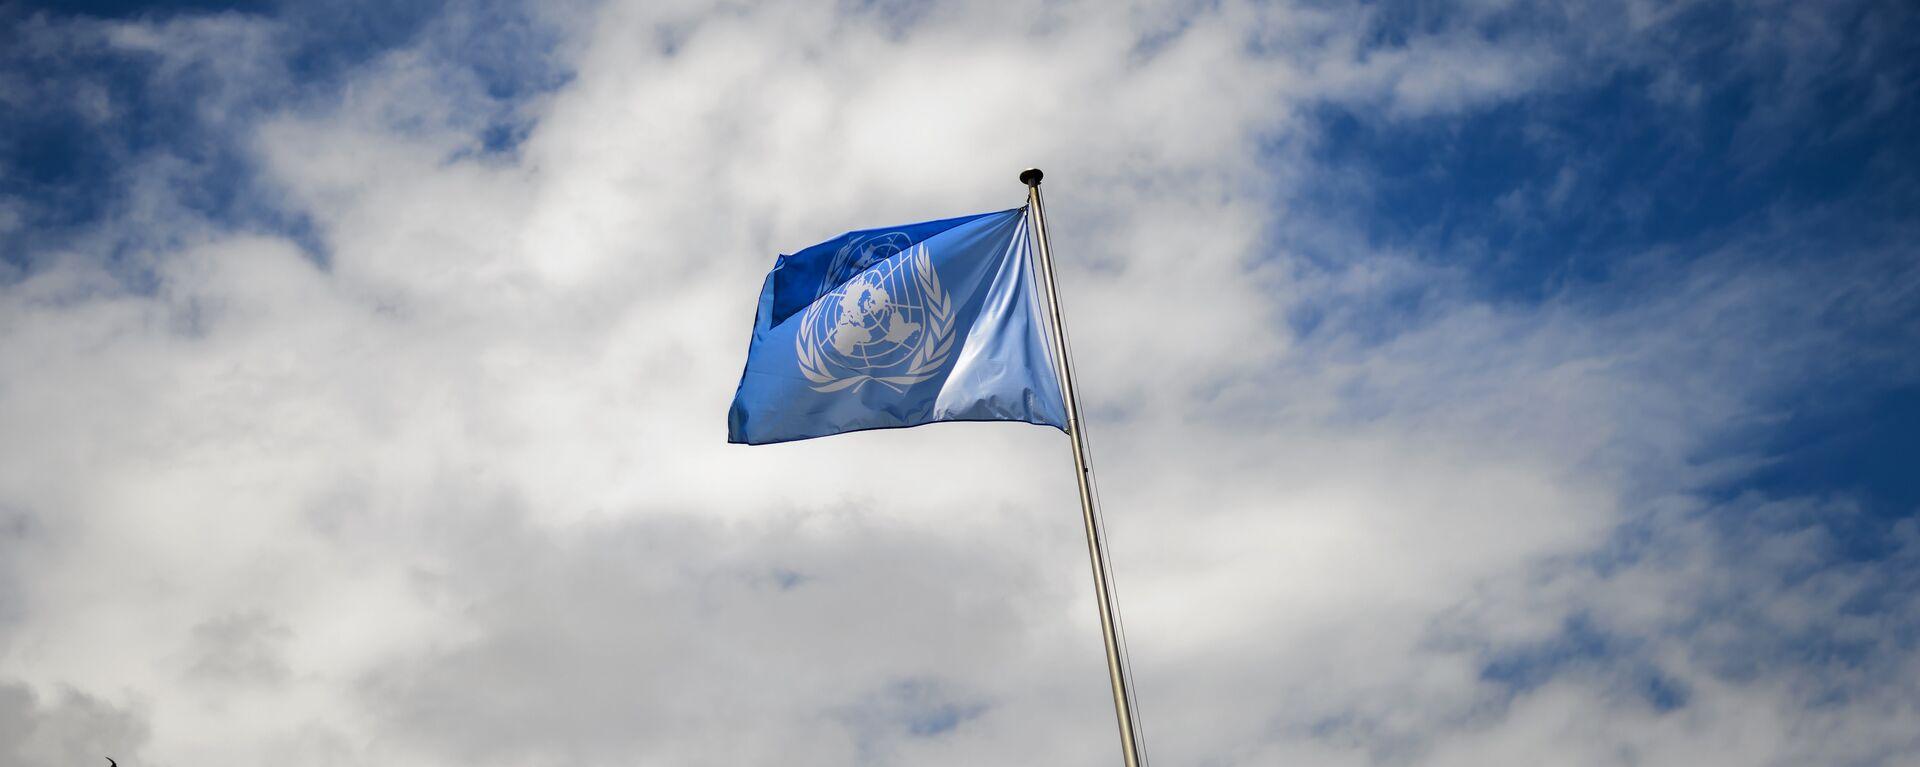 La bandera de la ONU - Sputnik Mundo, 1920, 07.06.2021